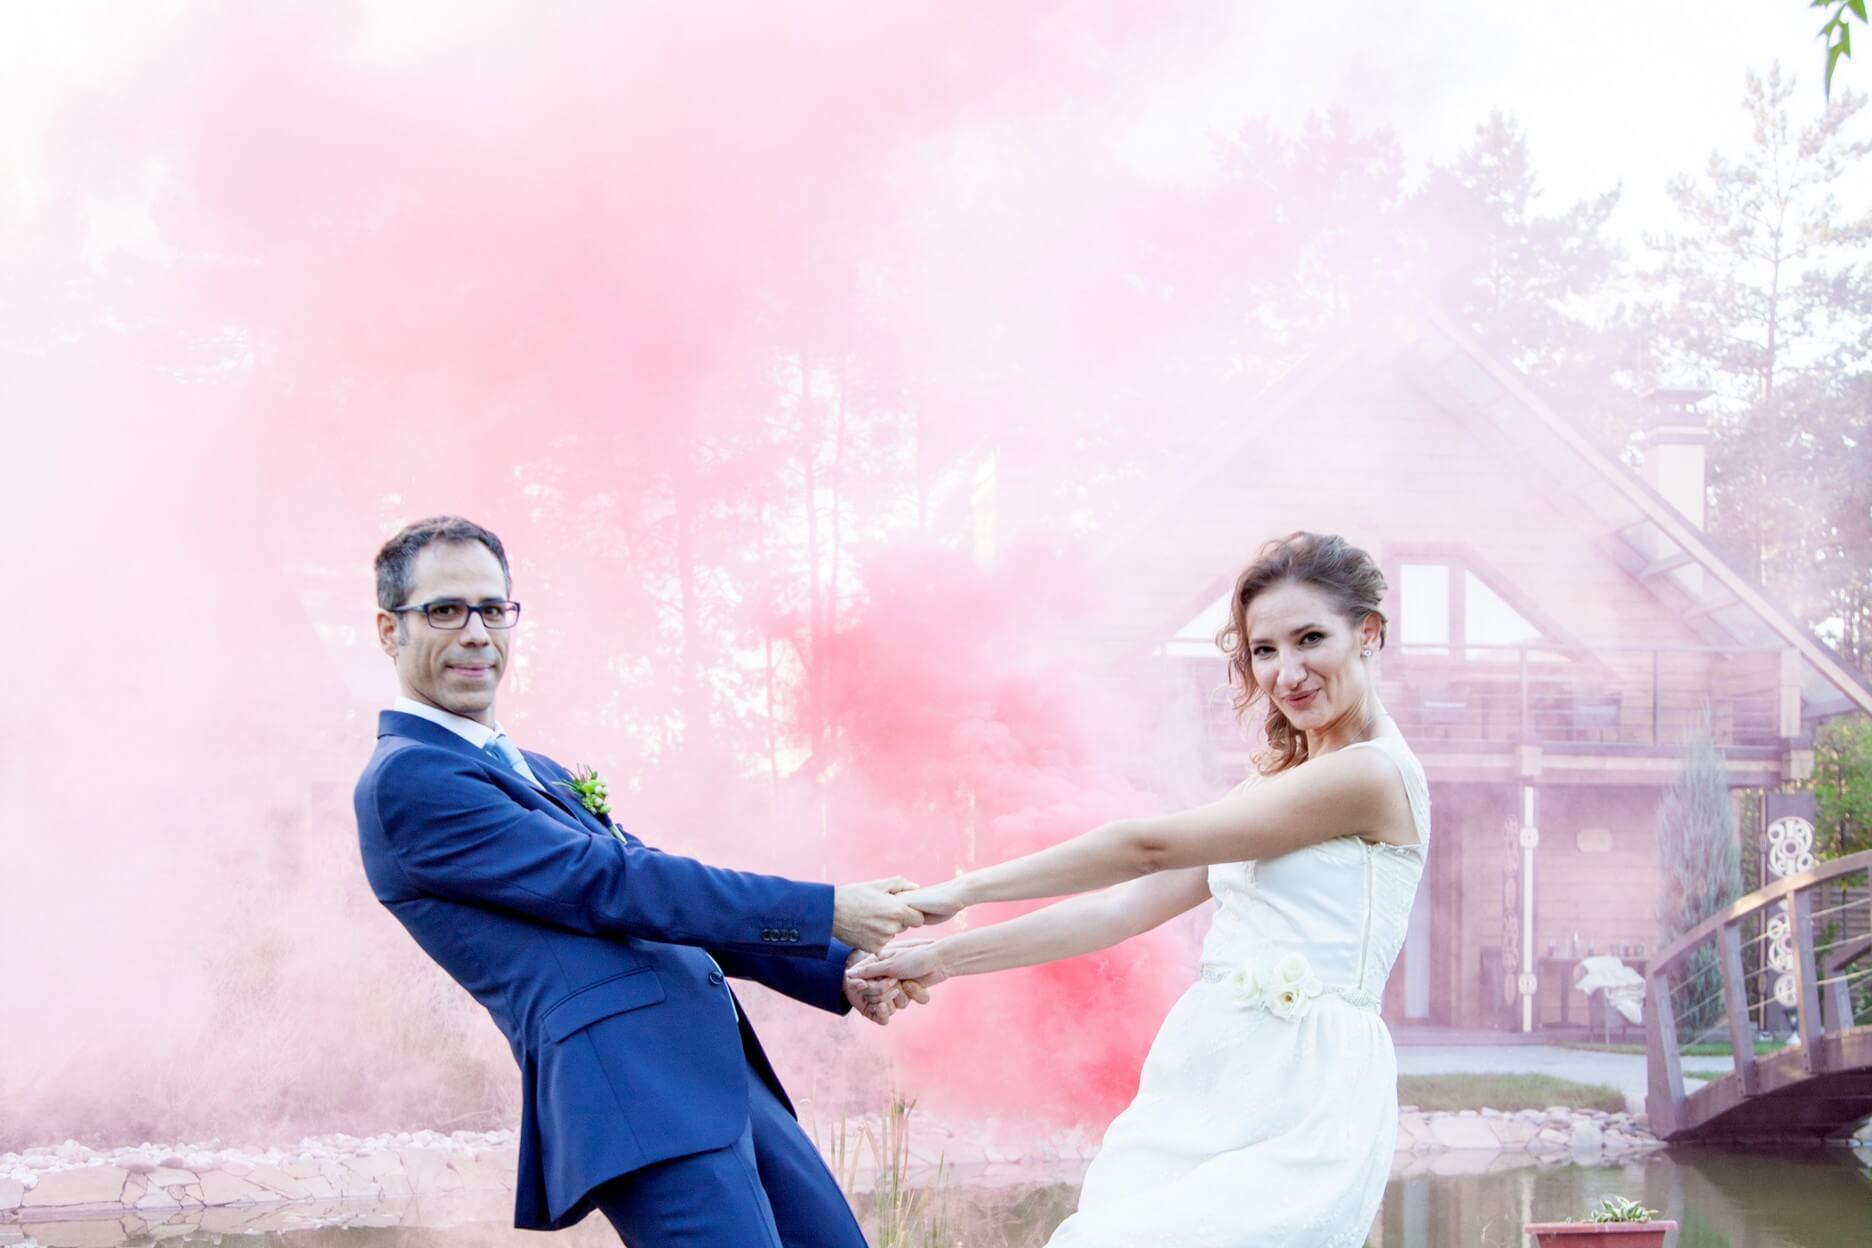 svadebnaja fotosessija s dymovymi shashkami (6)